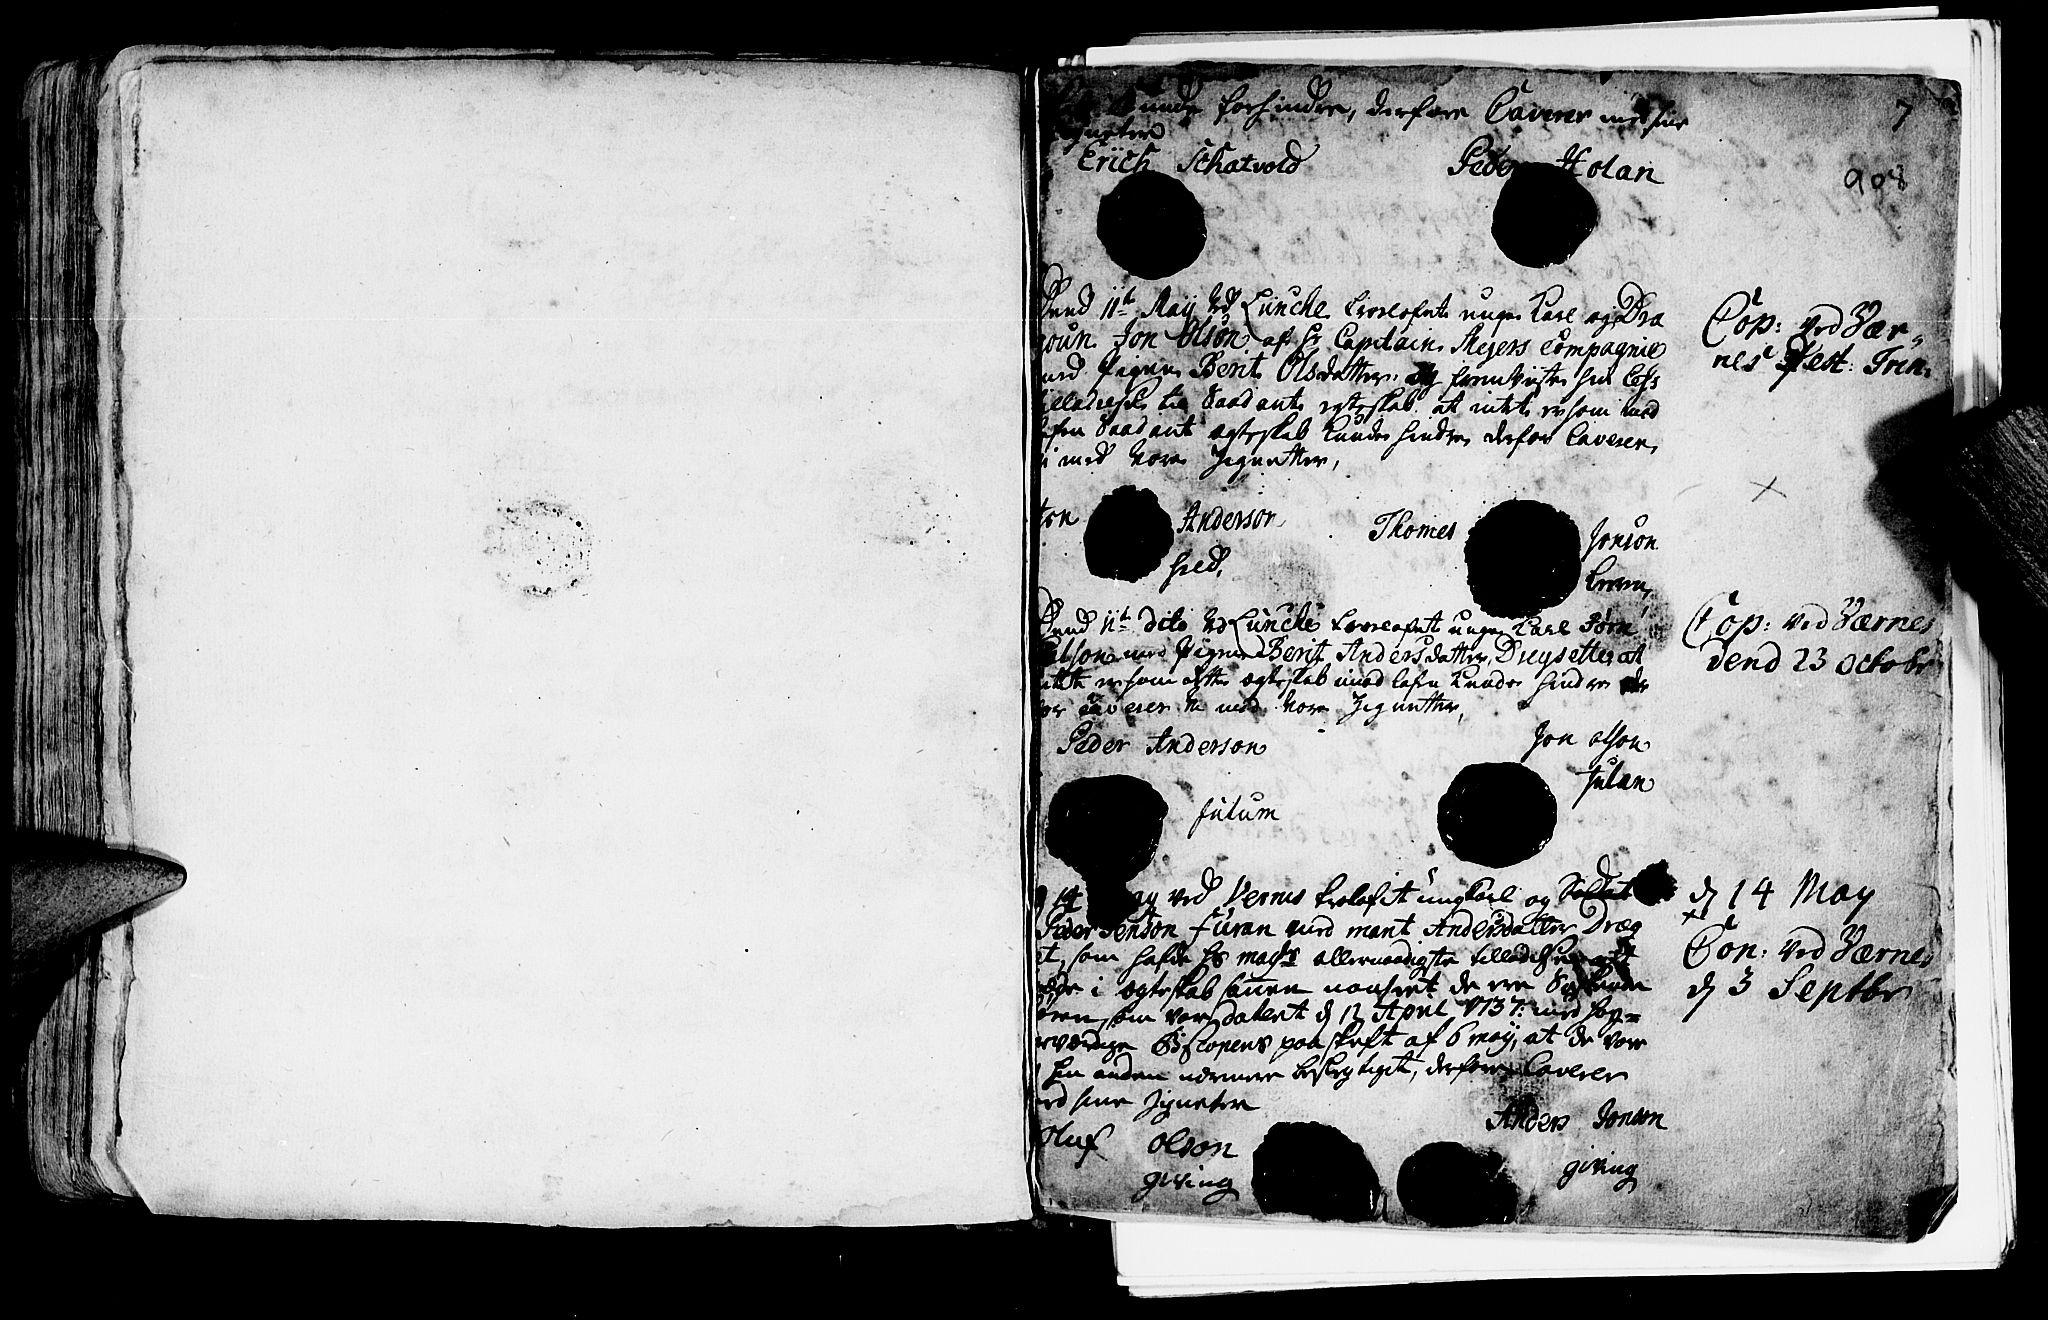 SAT, Ministerialprotokoller, klokkerbøker og fødselsregistre - Nord-Trøndelag, 709/L0055: Ministerialbok nr. 709A03, 1730-1739, s. 907-908